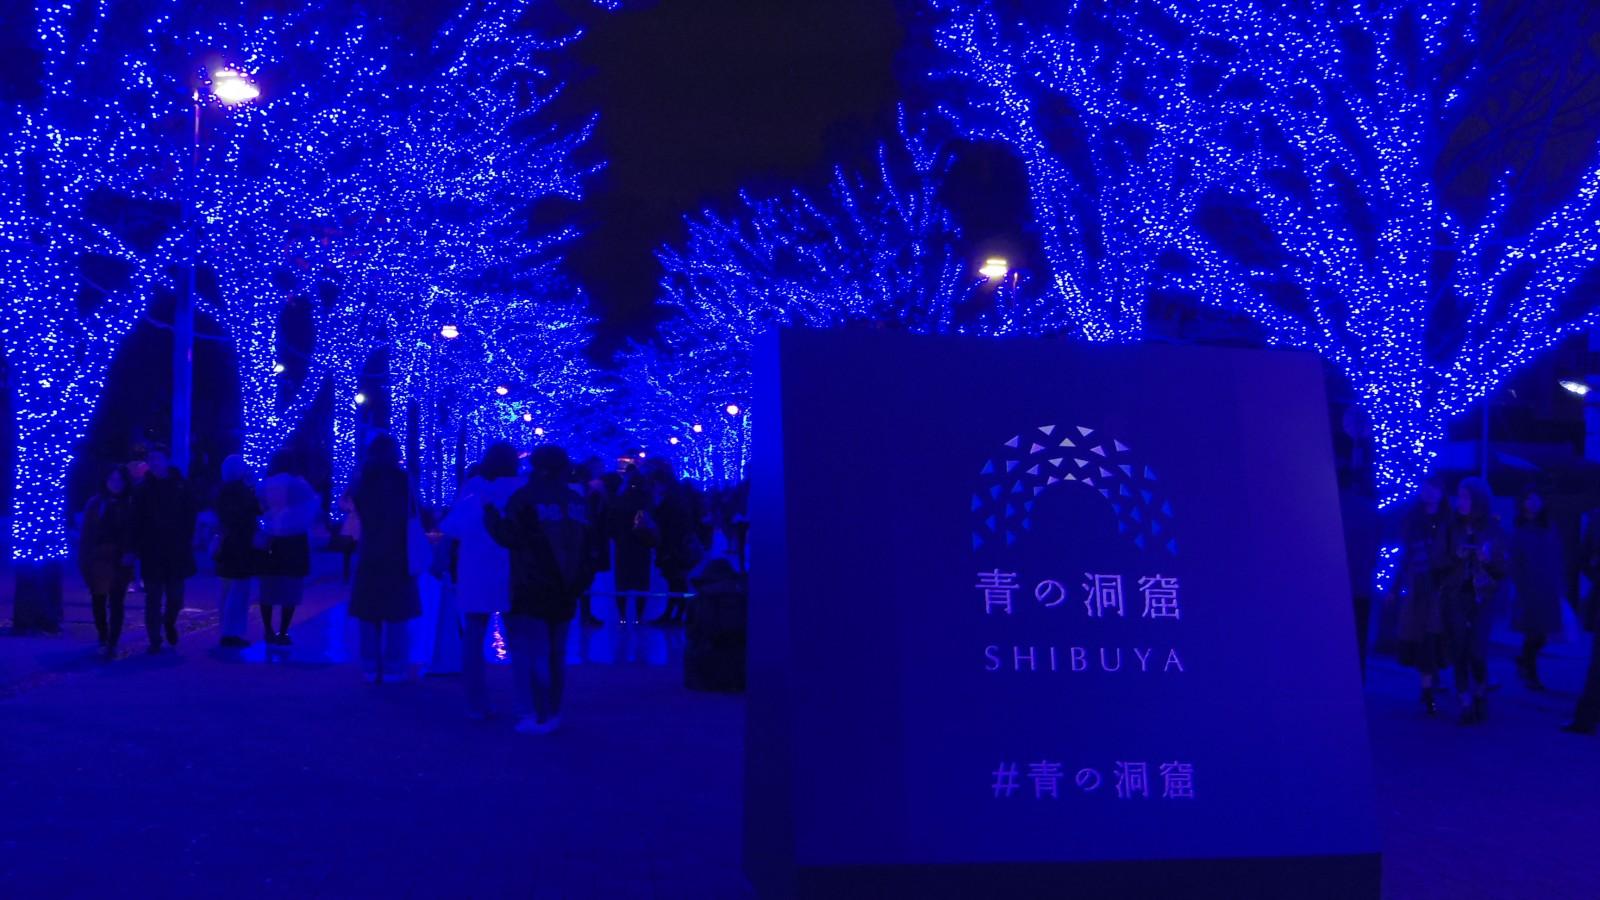 大晦日夜~元旦まで夜通しの「青の洞窟 SHIBUYA」イルミネーション